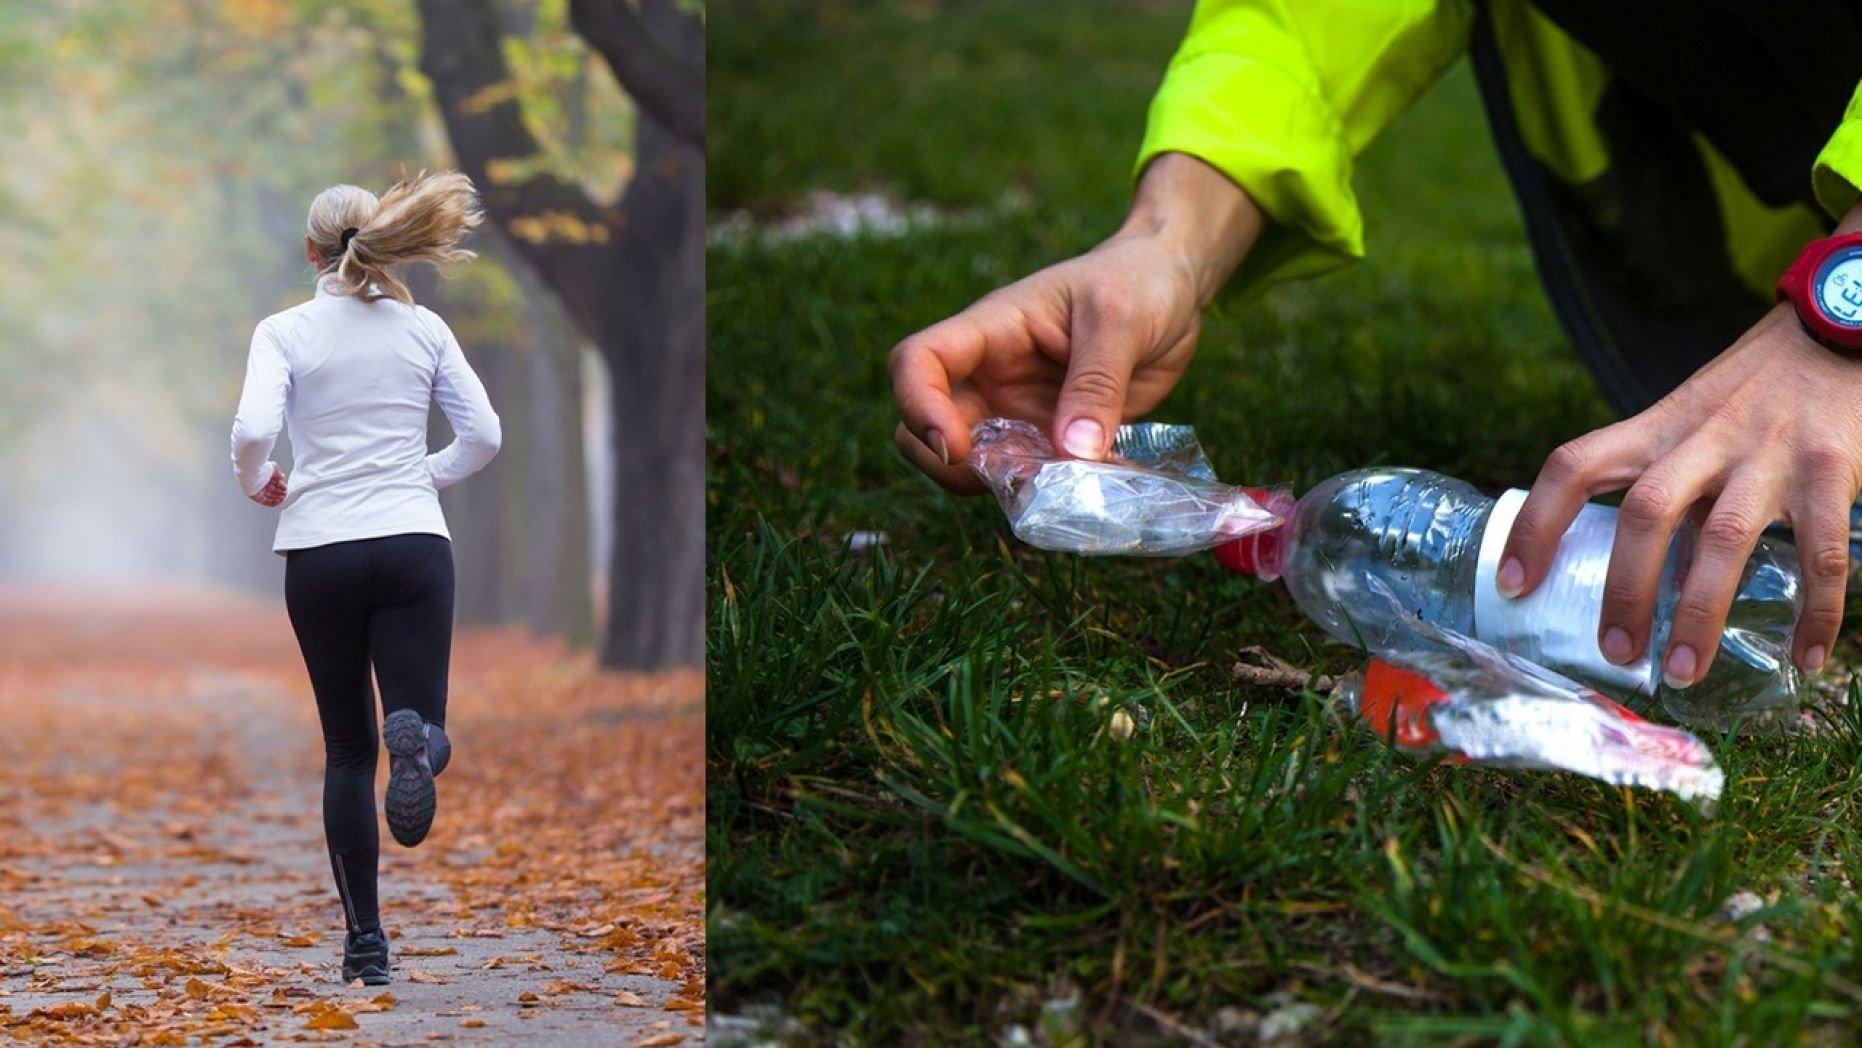 1518662834065.jpg?resize=1200,630 - Exercícios que limpam a cidade: conheça o plogging, nova prática esportiva que vem se popularizando